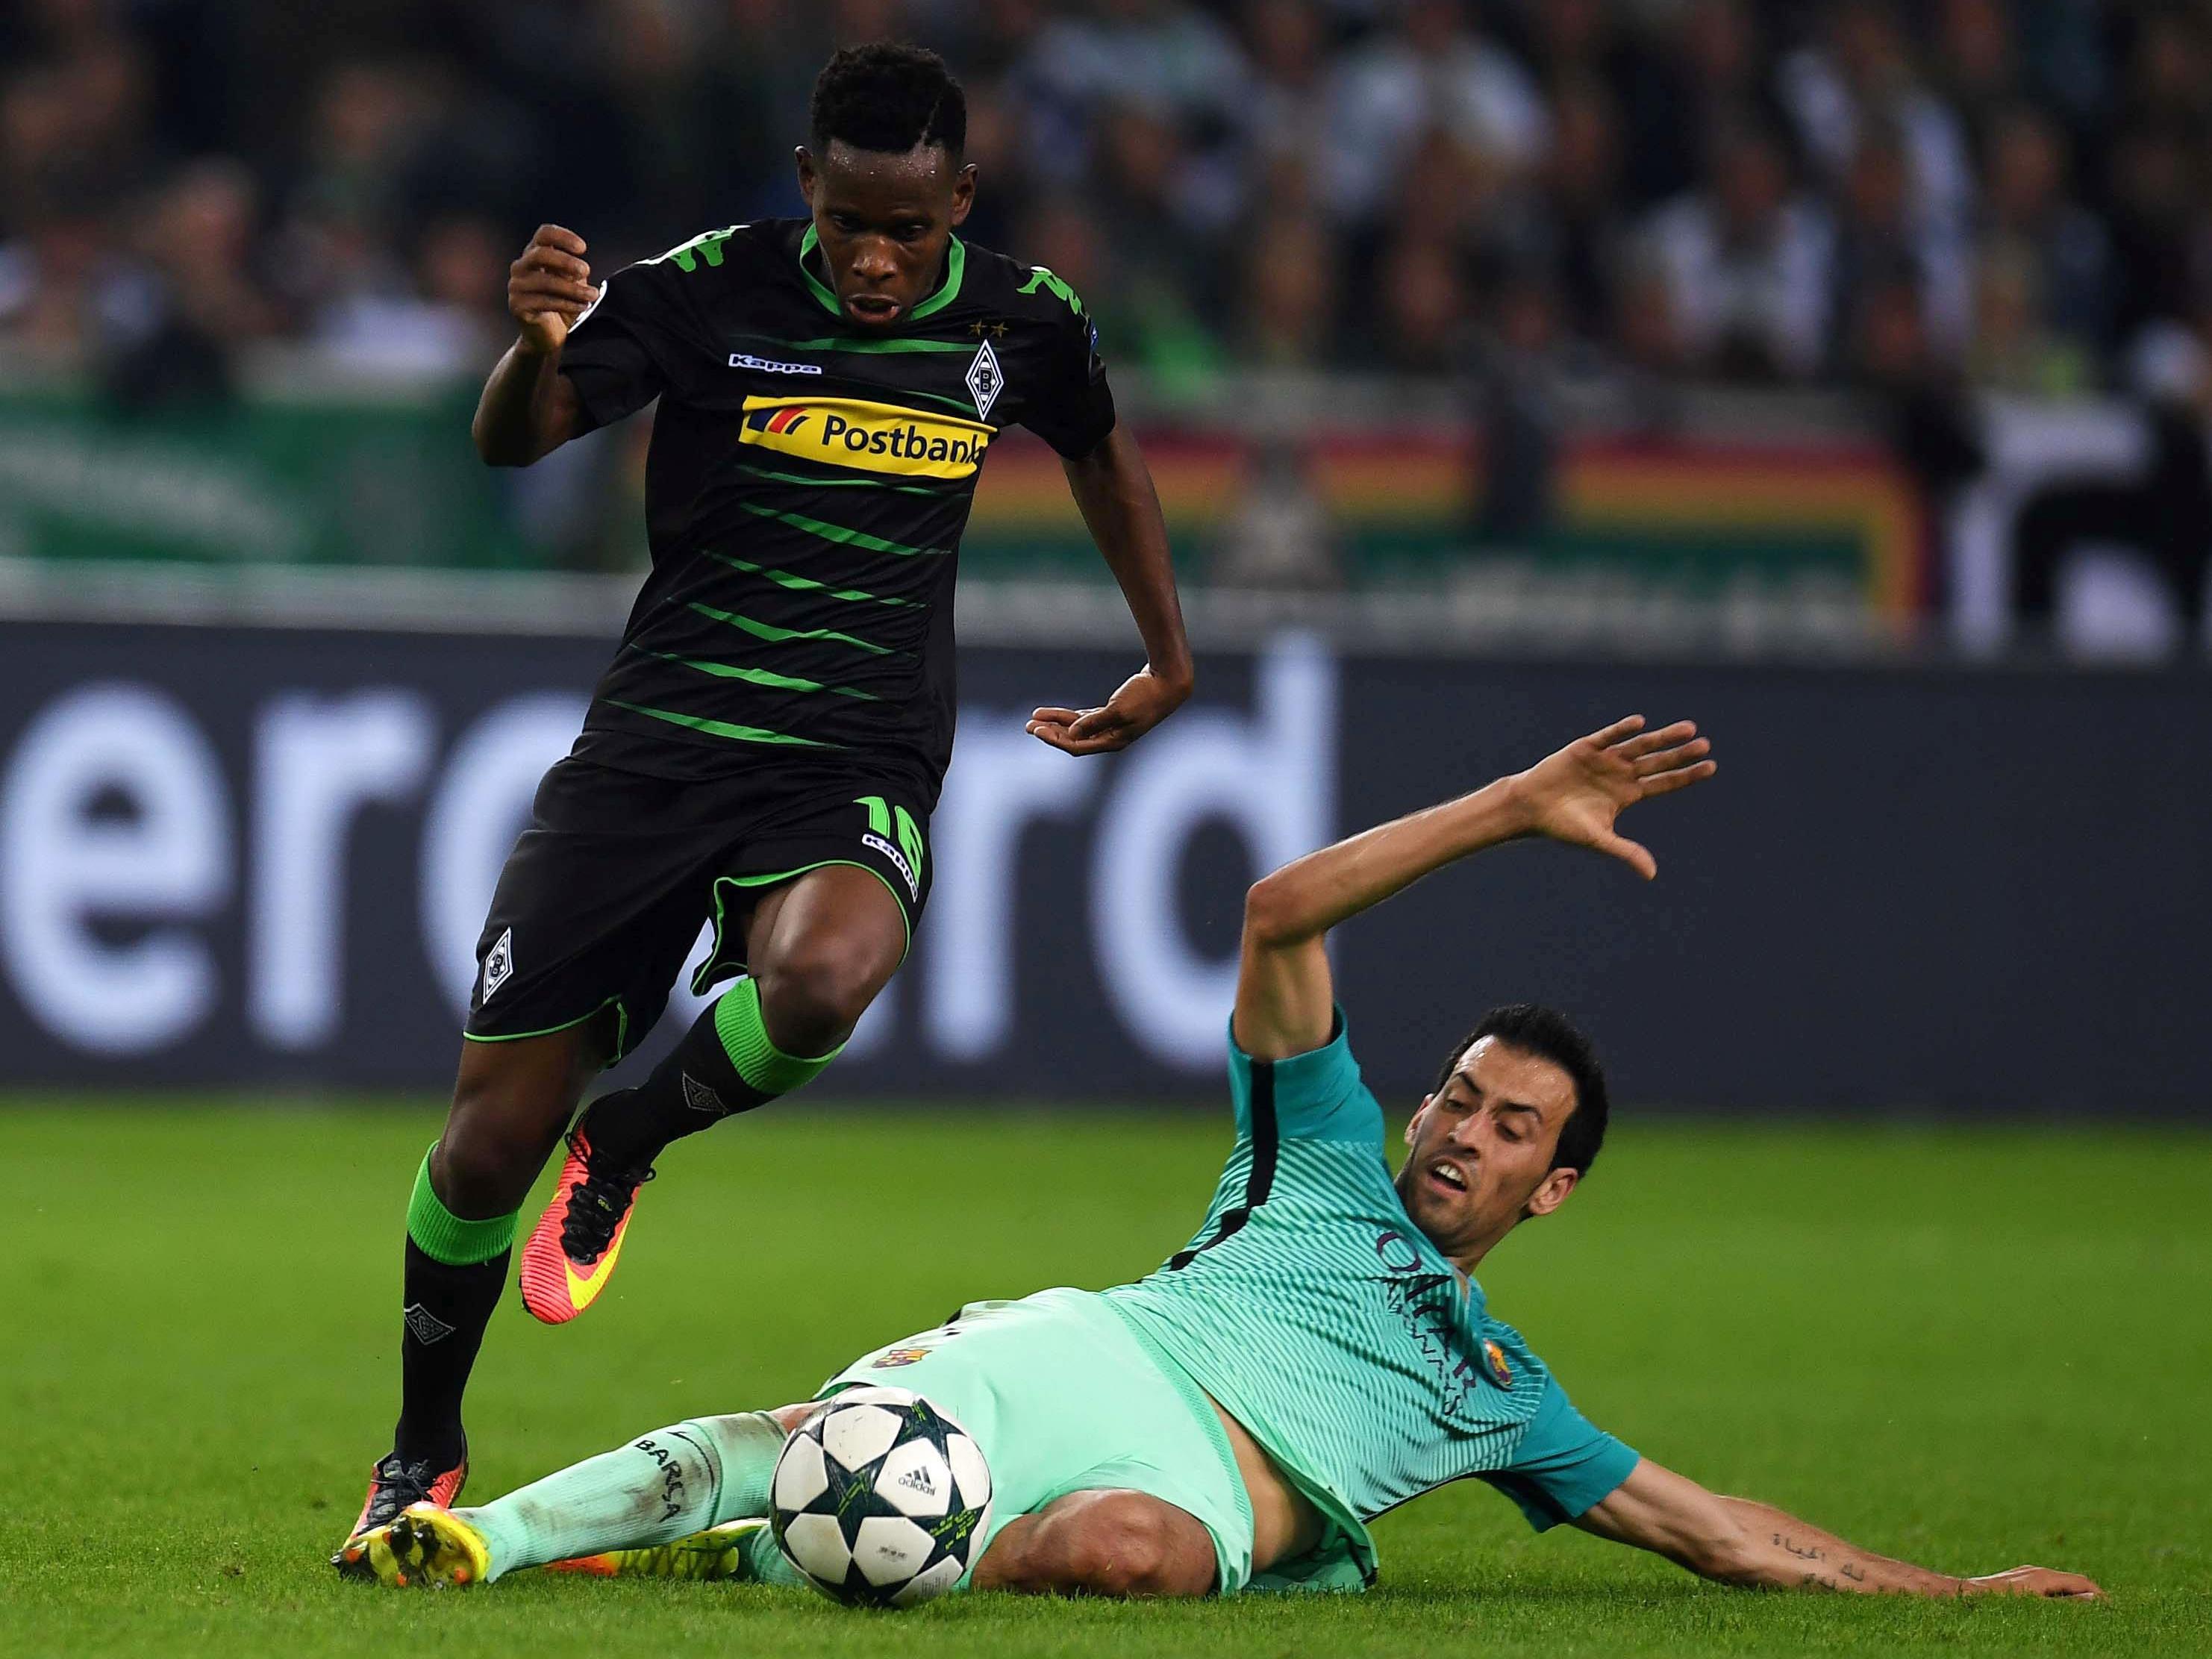 Der FC Barcelona spielt zum Abschluss der Champions-League-Gruppenphase gegen Borussia Möchengladbach.